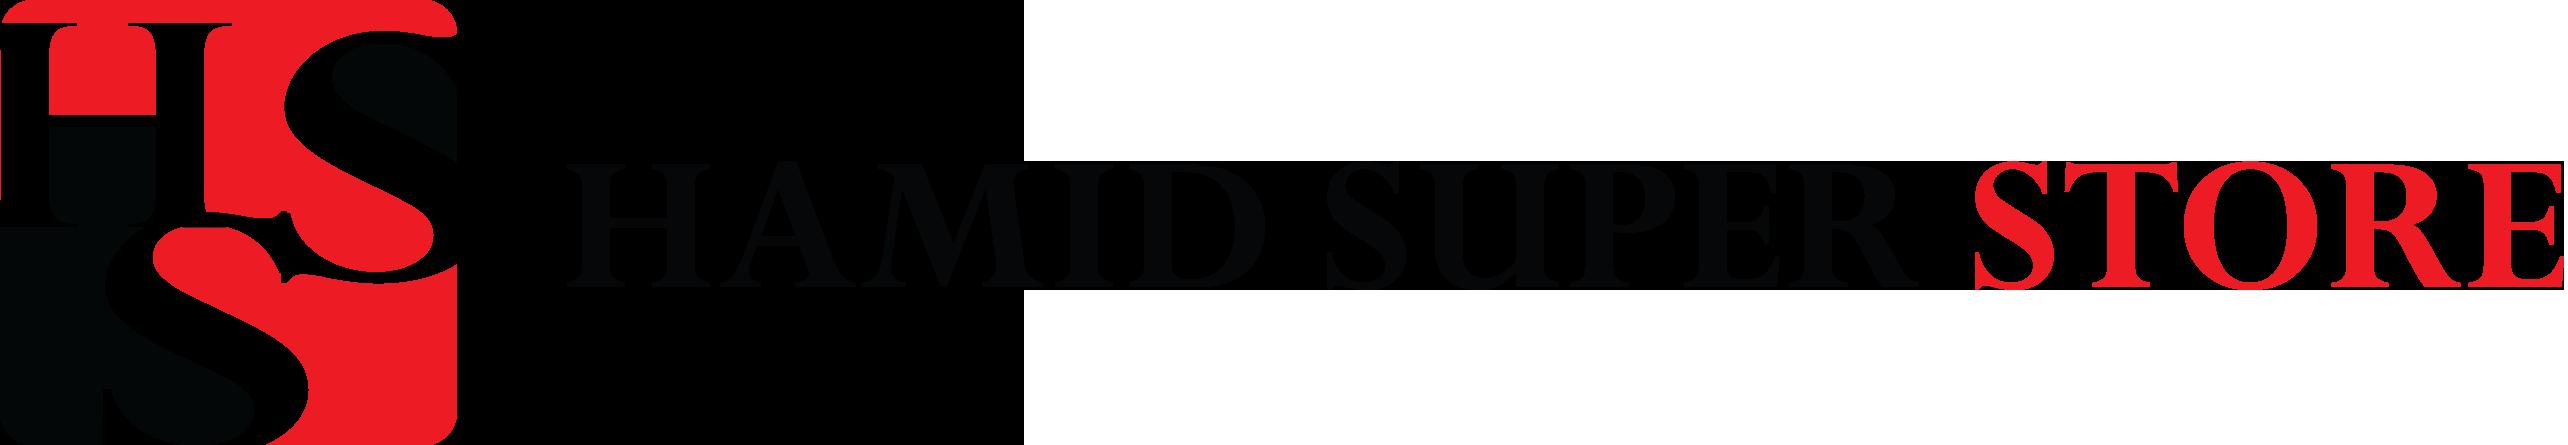 Hamid Super Store